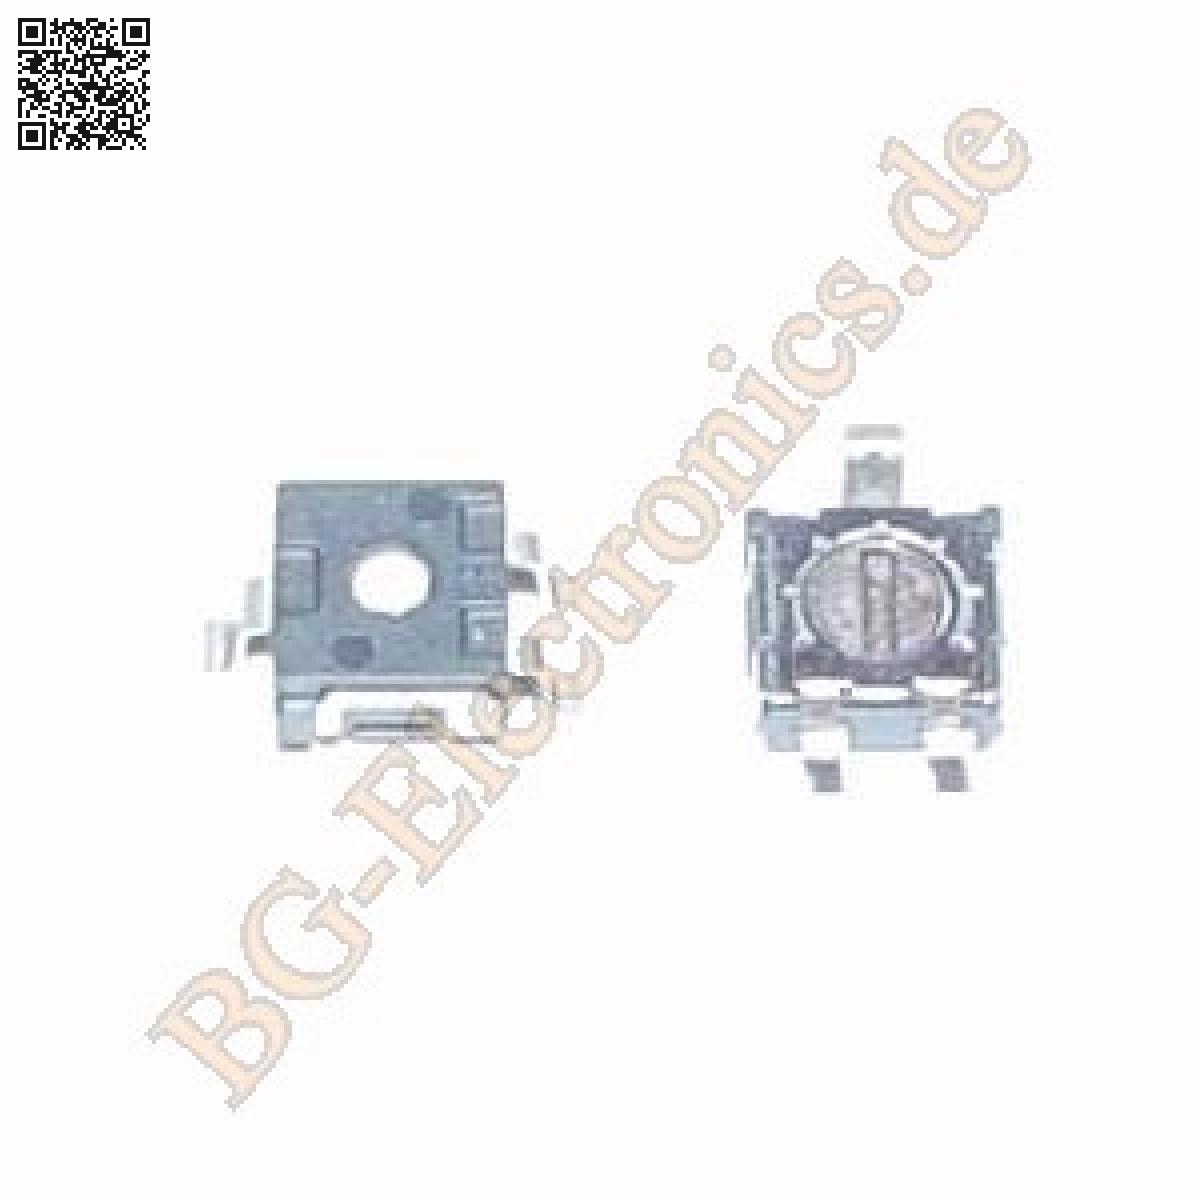 10 x Poti SMD 470Ω Poti SMD 470Ohm Widerstand resistor Alps  10pcs